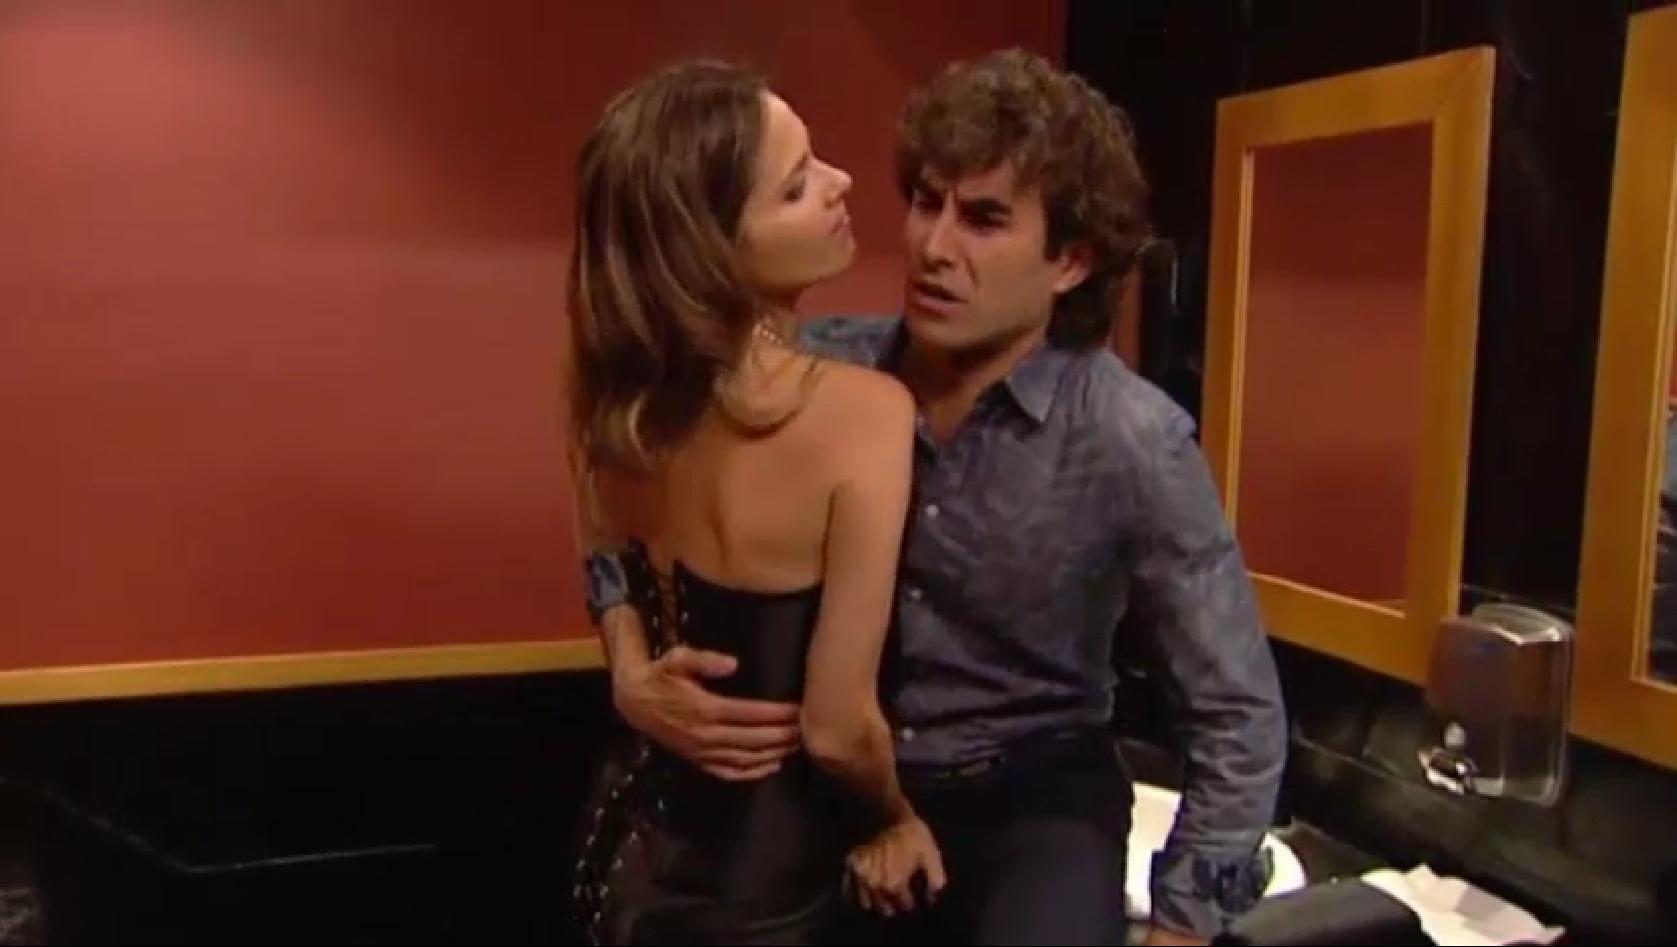 Raquel con el amigo de javi daniel muriel lqsamdm tu for Eva isanta en ropa interior